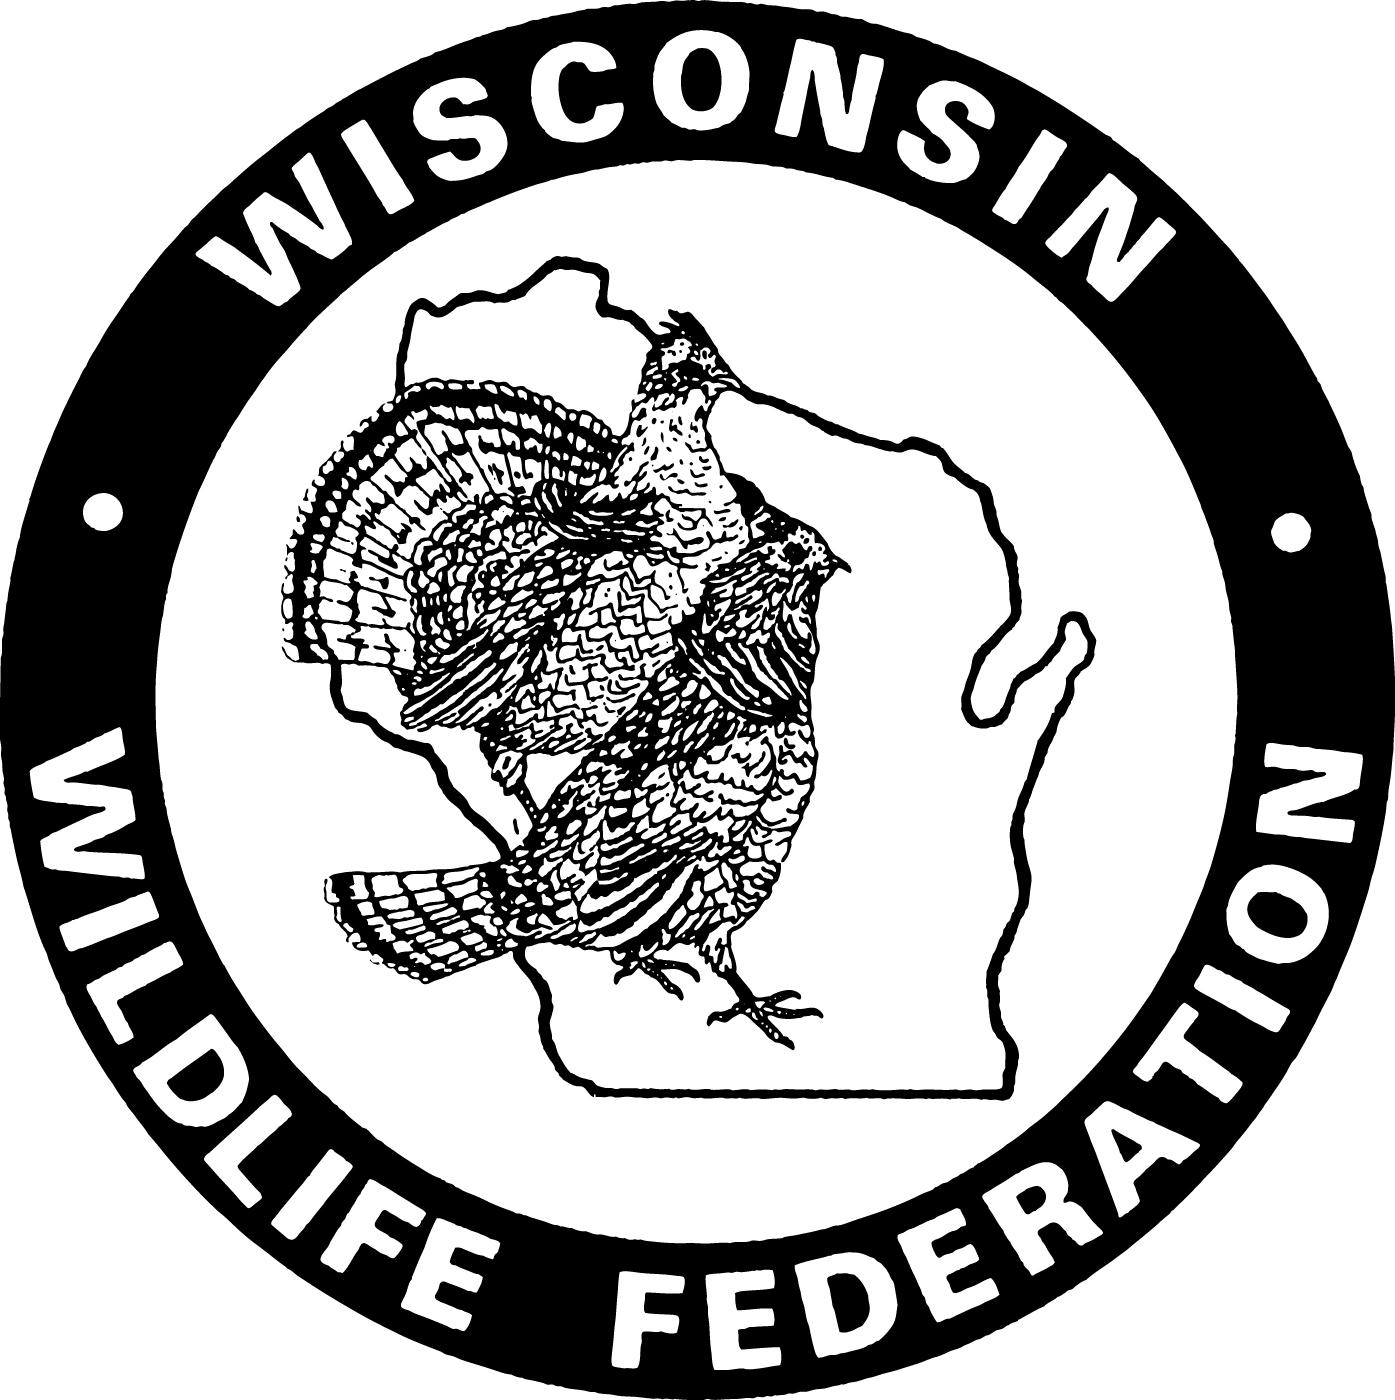 wwf_circle_logo.jpg